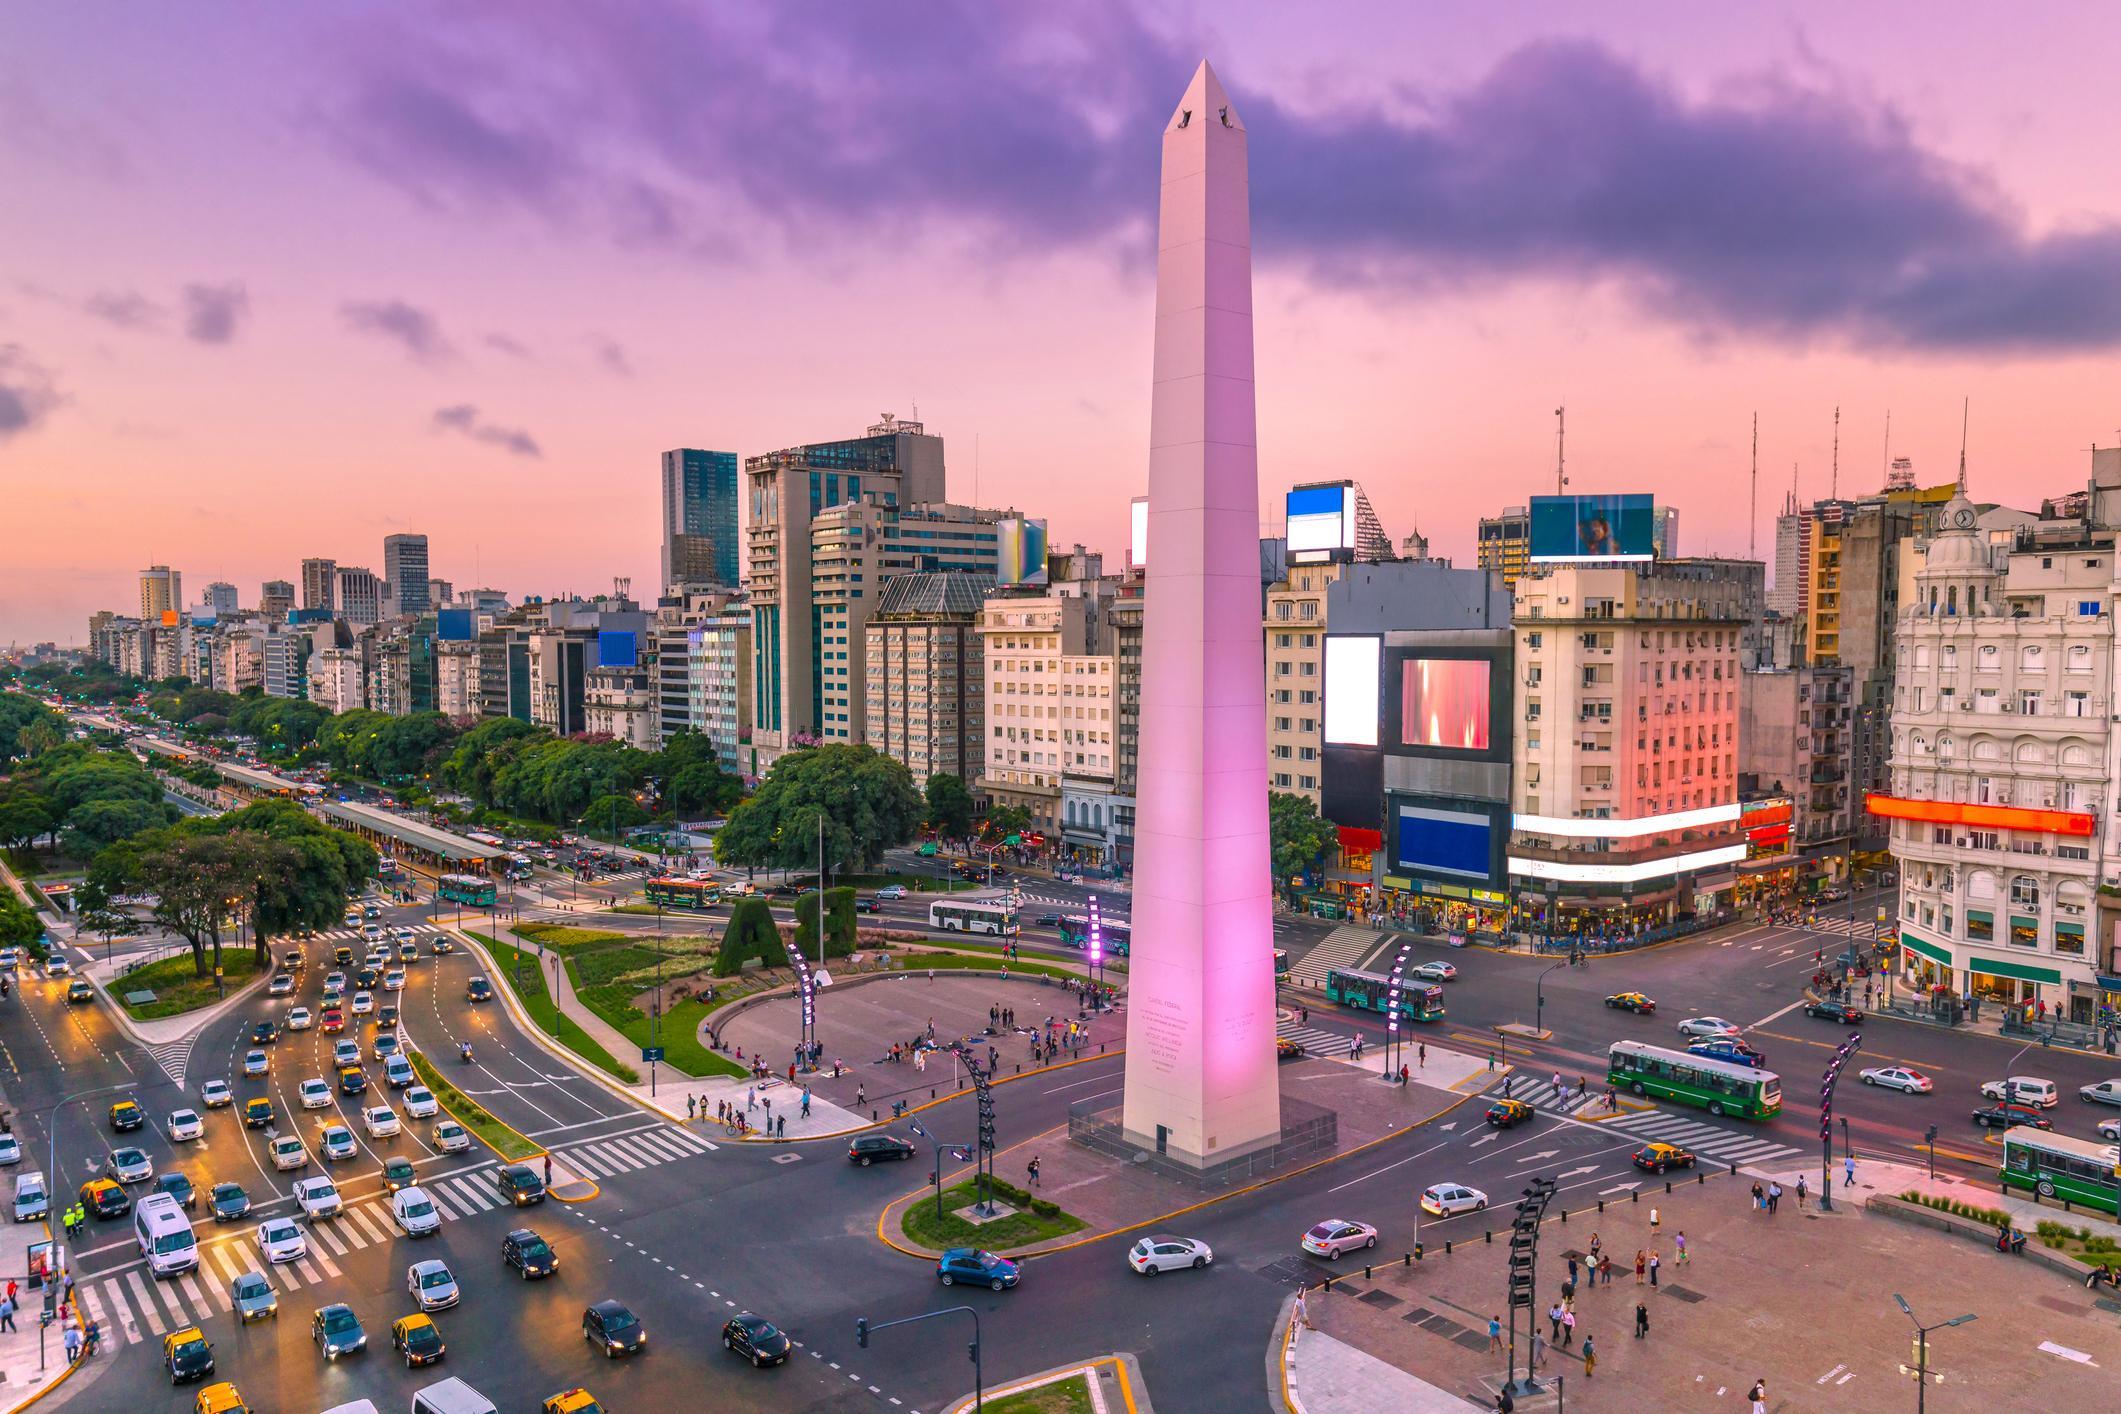 Especialistas acreditam que alta do dólar favorece viagens pela América Latina